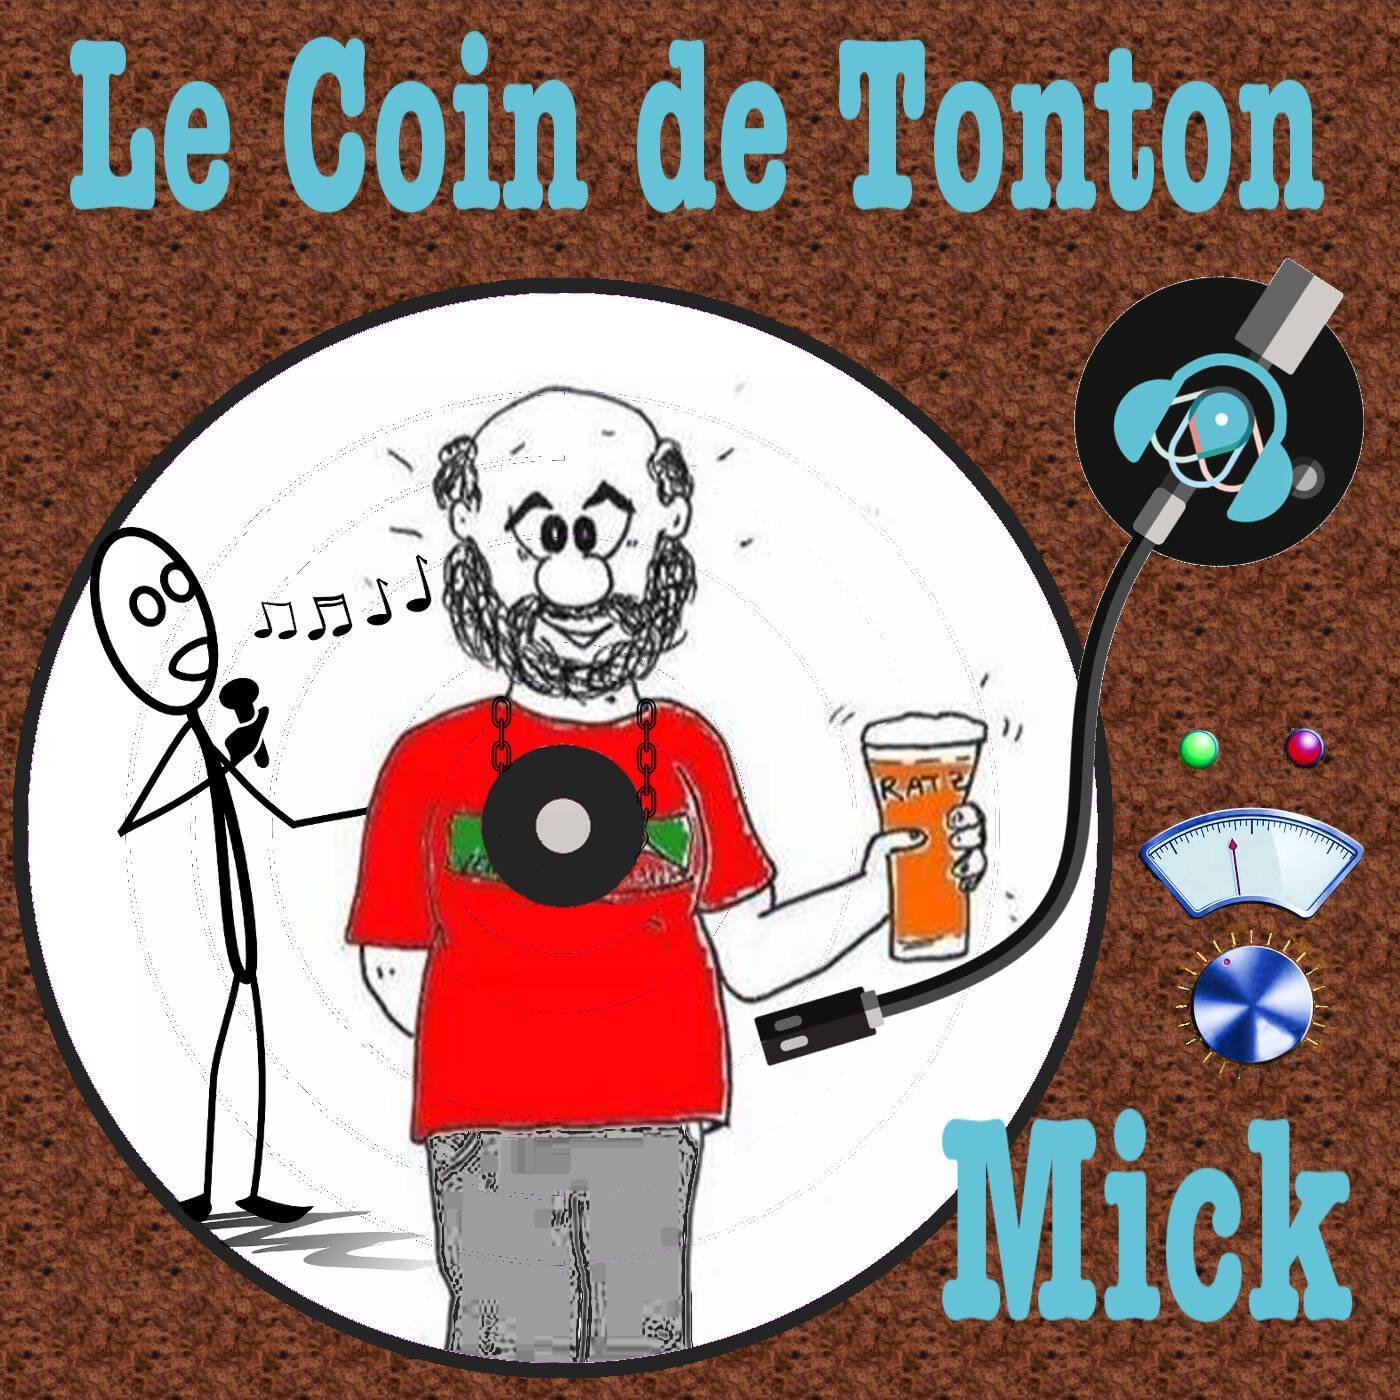 LE COIN DE TONTON MICK S1E16 - Jeux de mots